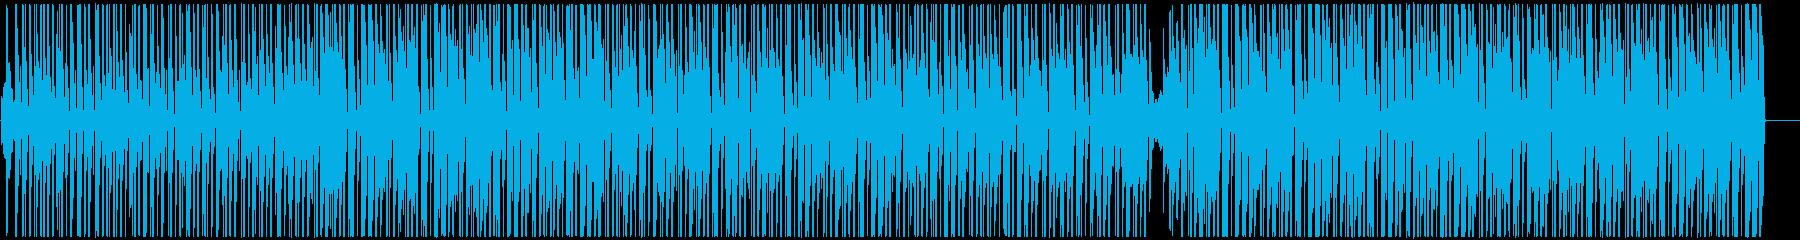 南国調アフロビート トロピカルハウスの再生済みの波形